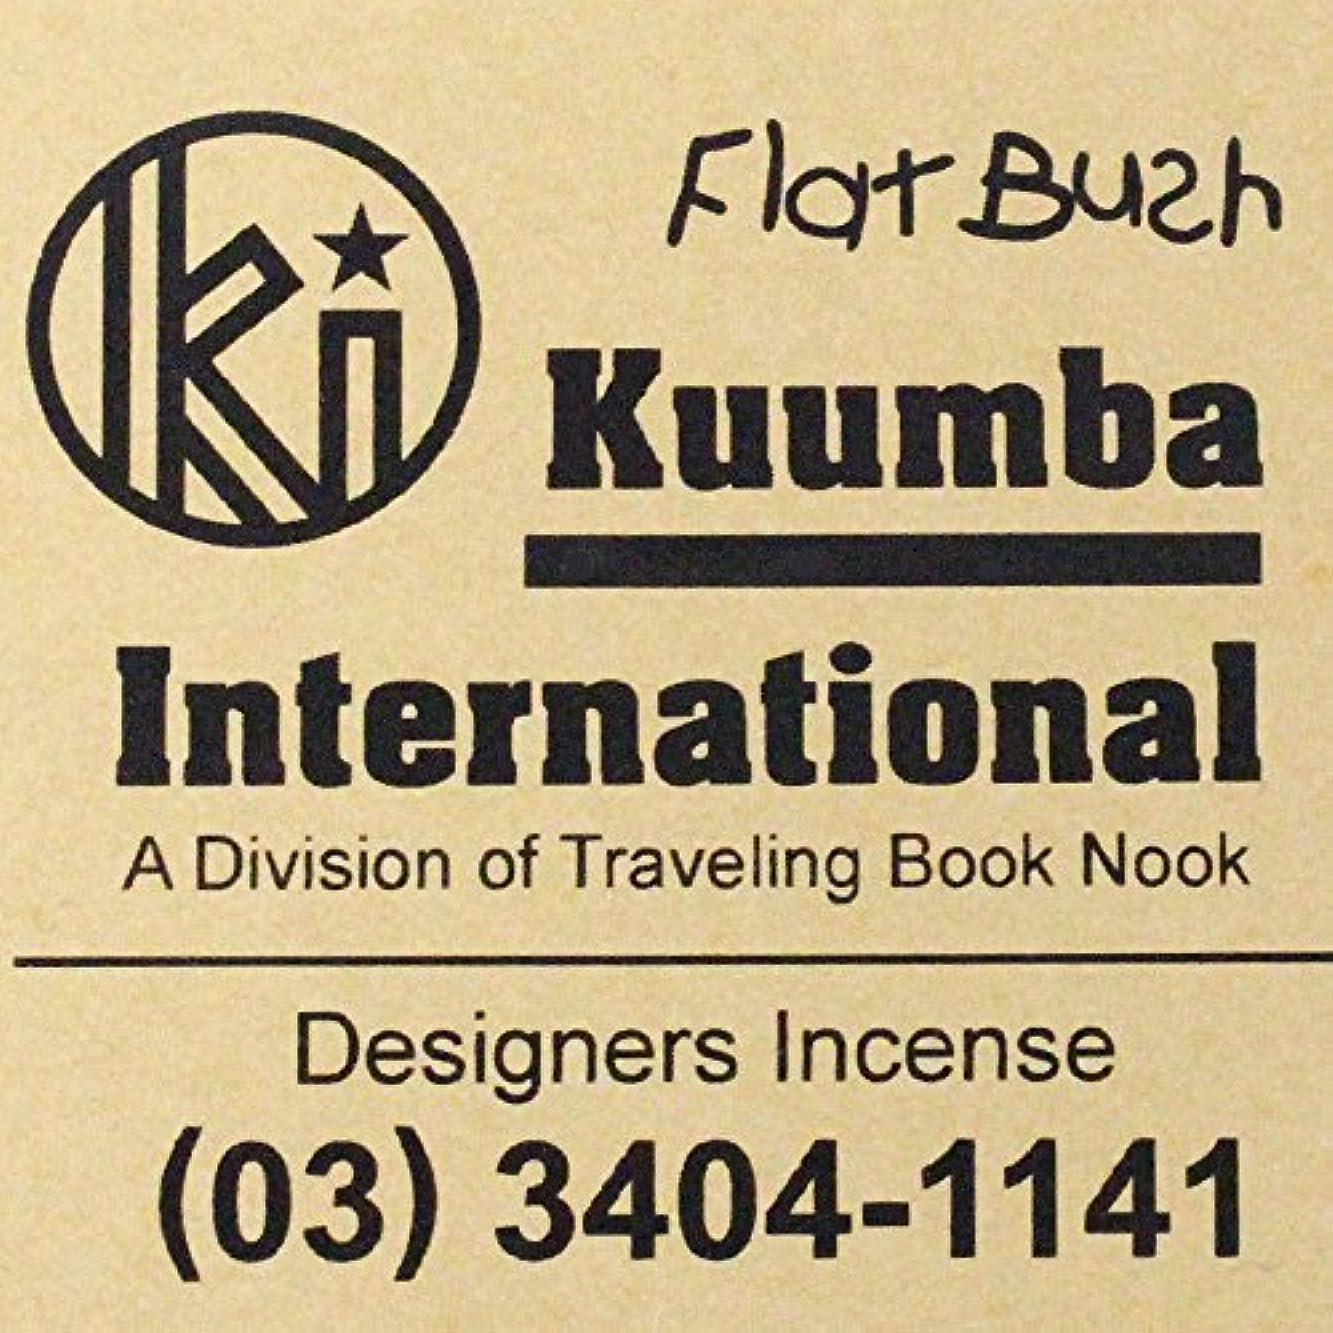 相互接続スラム脚(クンバ) KUUMBA『incense』(Flat Bush) (Regular size)